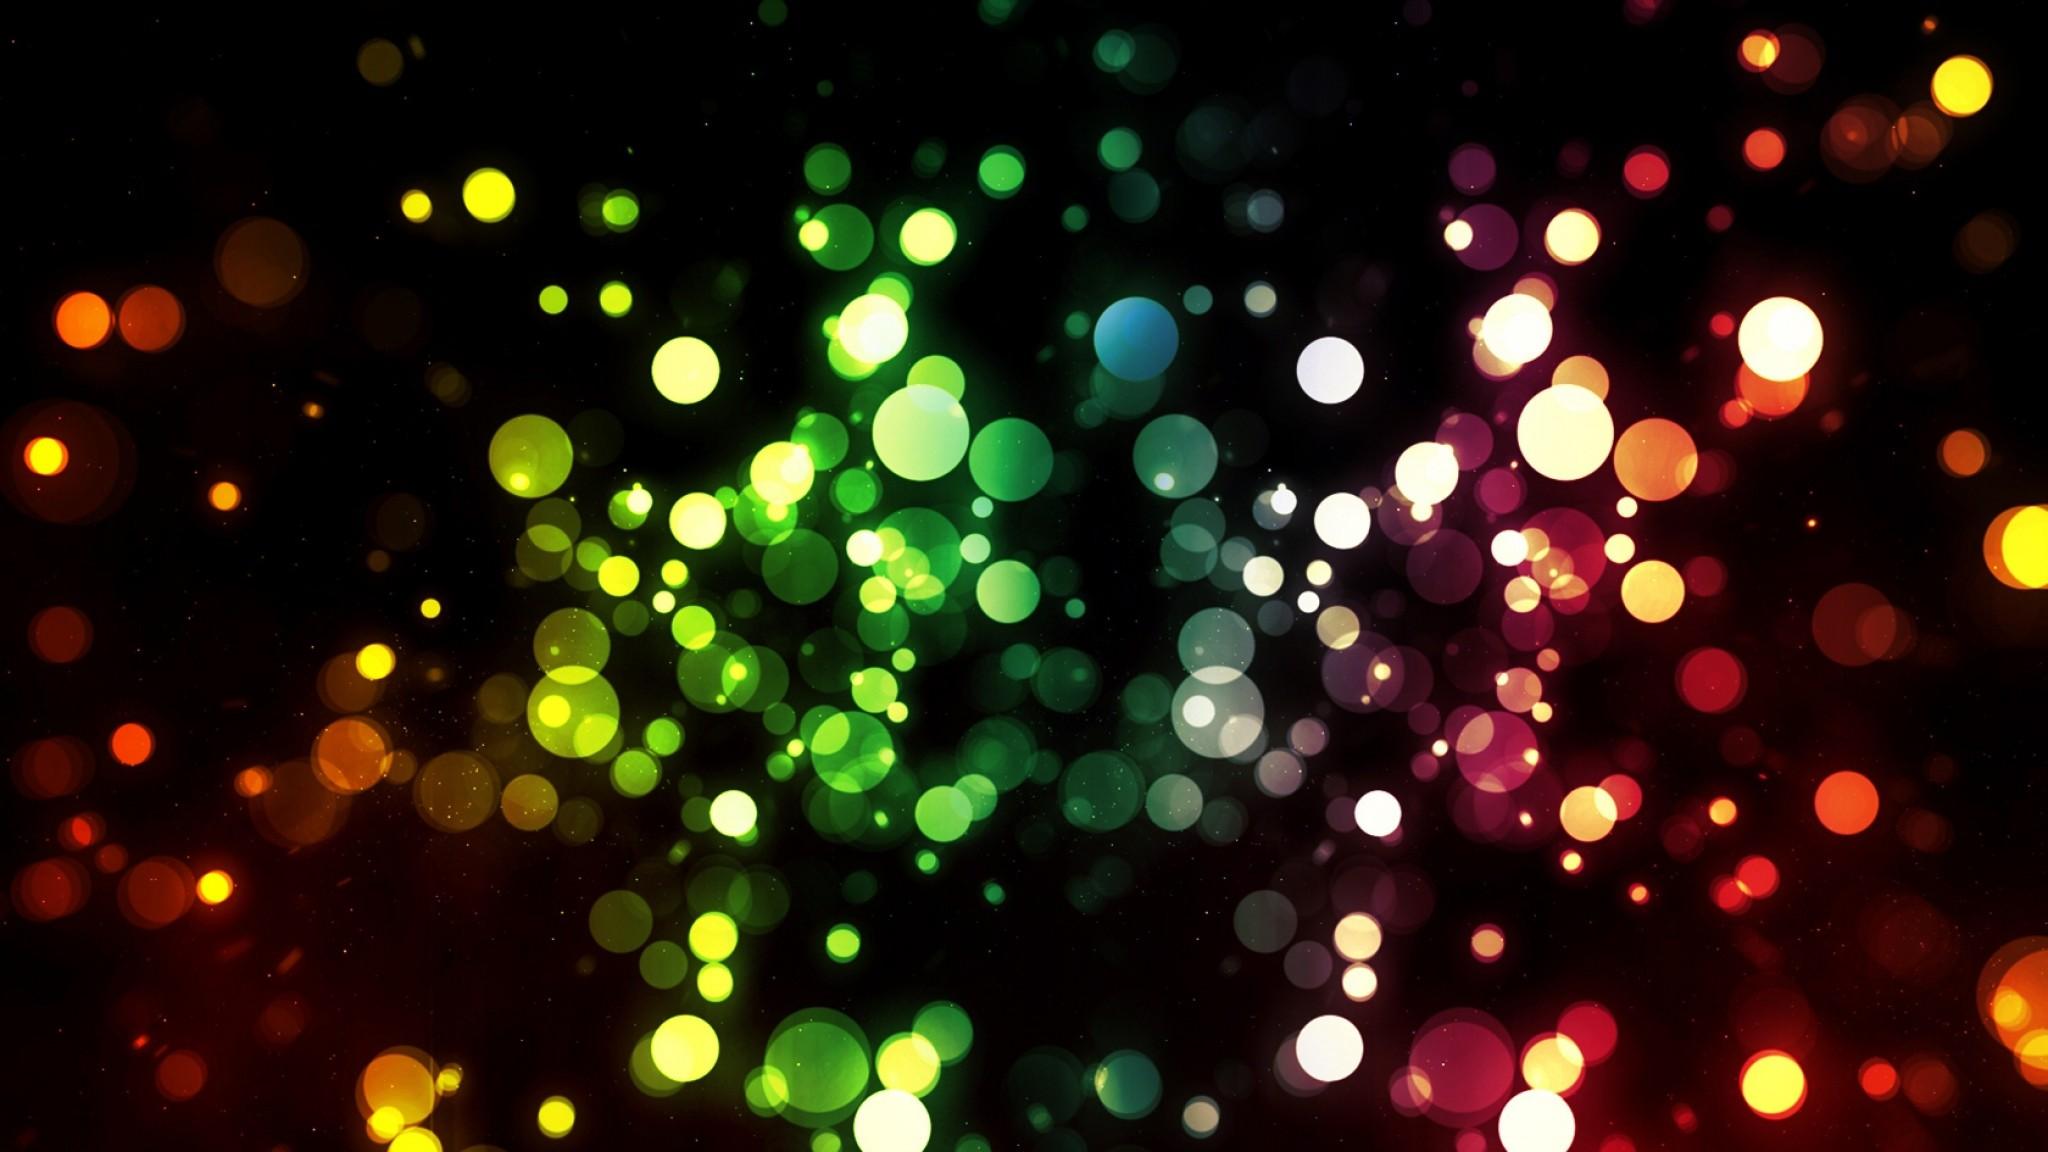 Wallpaper pixels, colorful, circles